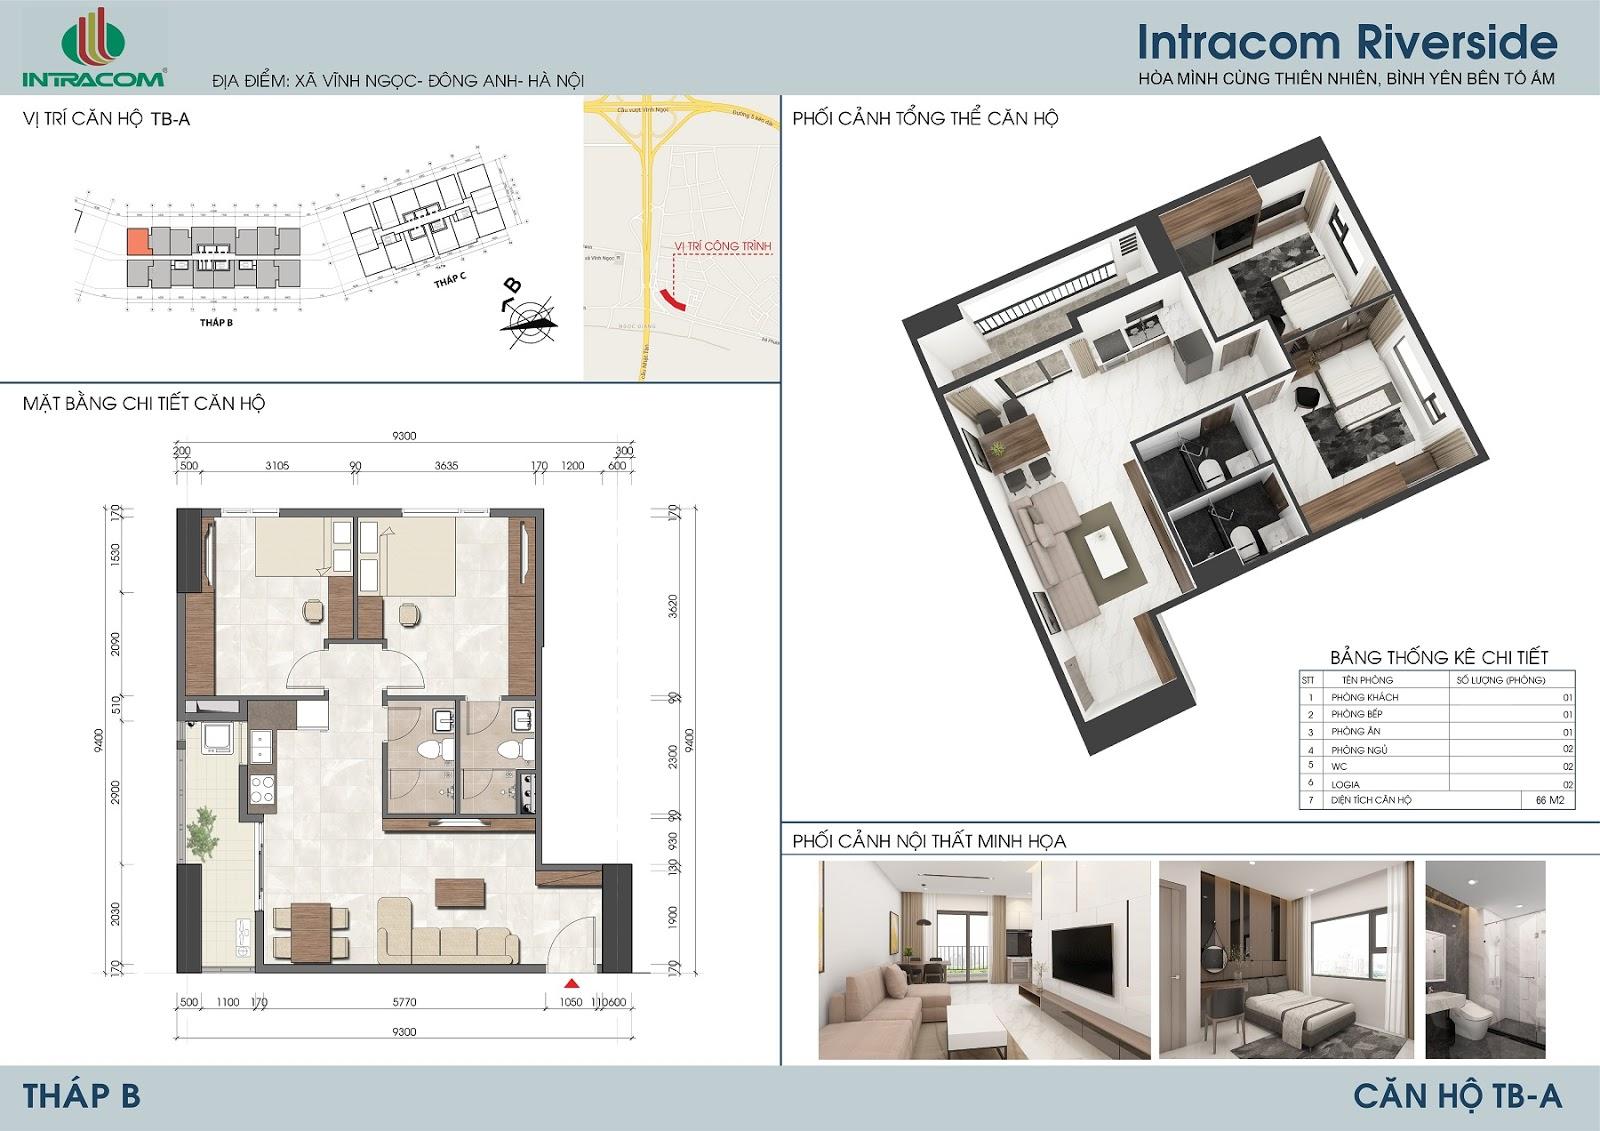 Thiết kế căn hộ 66m2 (02 phòng ngủ), căn số: 01, 08, 09, 16.